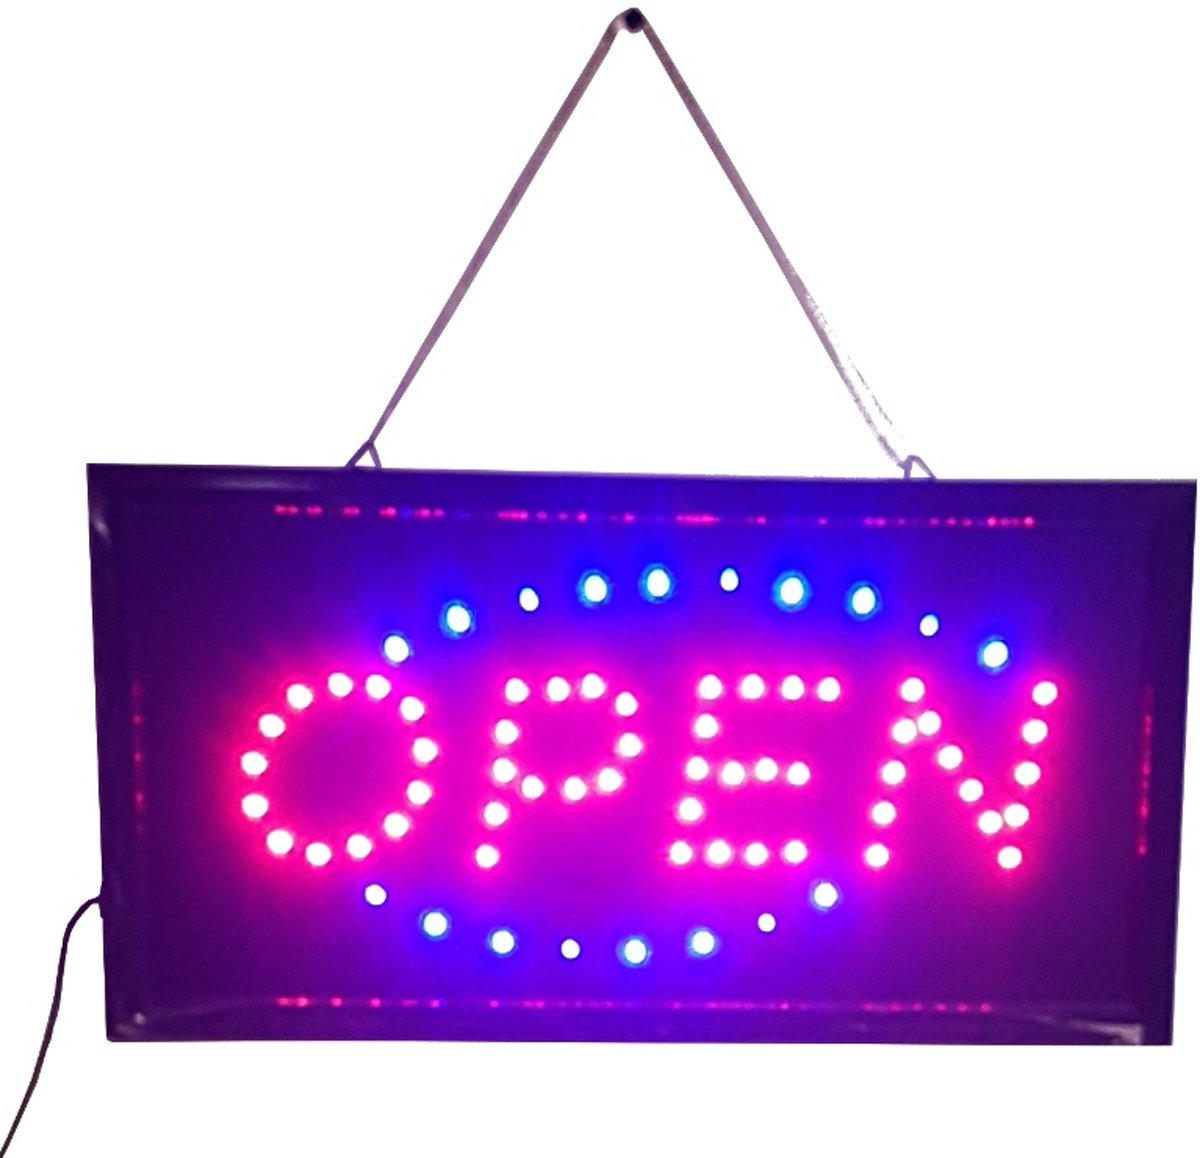 OPEN Led licht bord ledbord lichtkrant met knipper aan/uit schakelaar voor horeca restaurant winkel of keet met ophangketting kopen